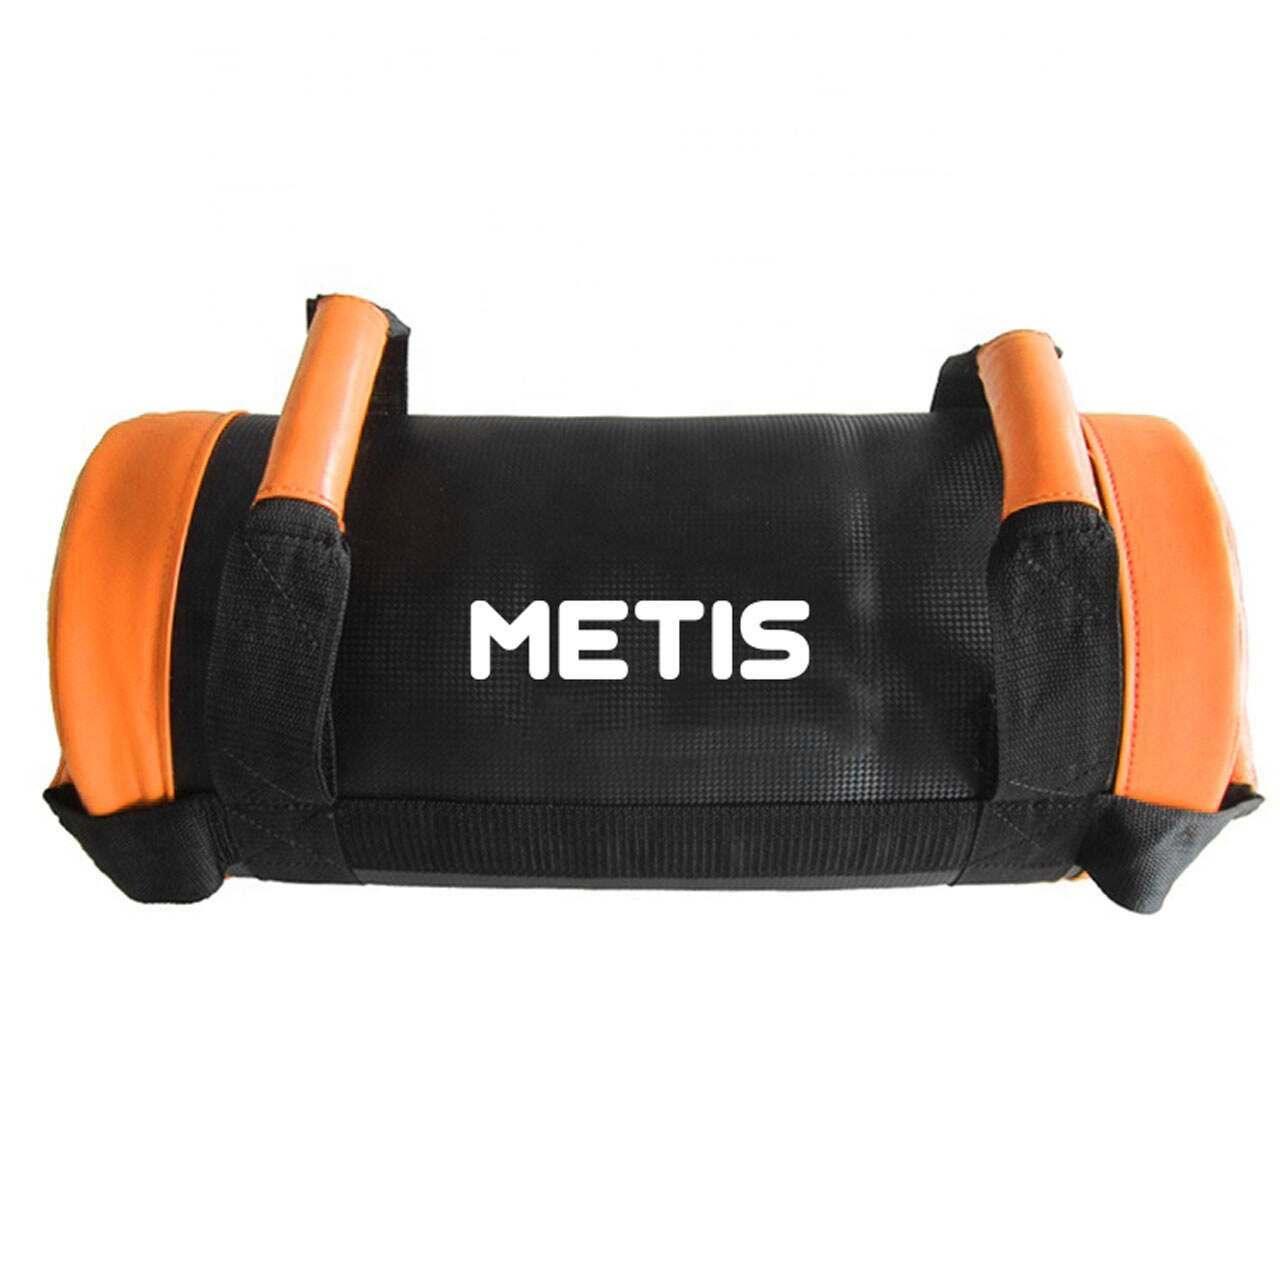 Metis Power Bags [11-55lbs]